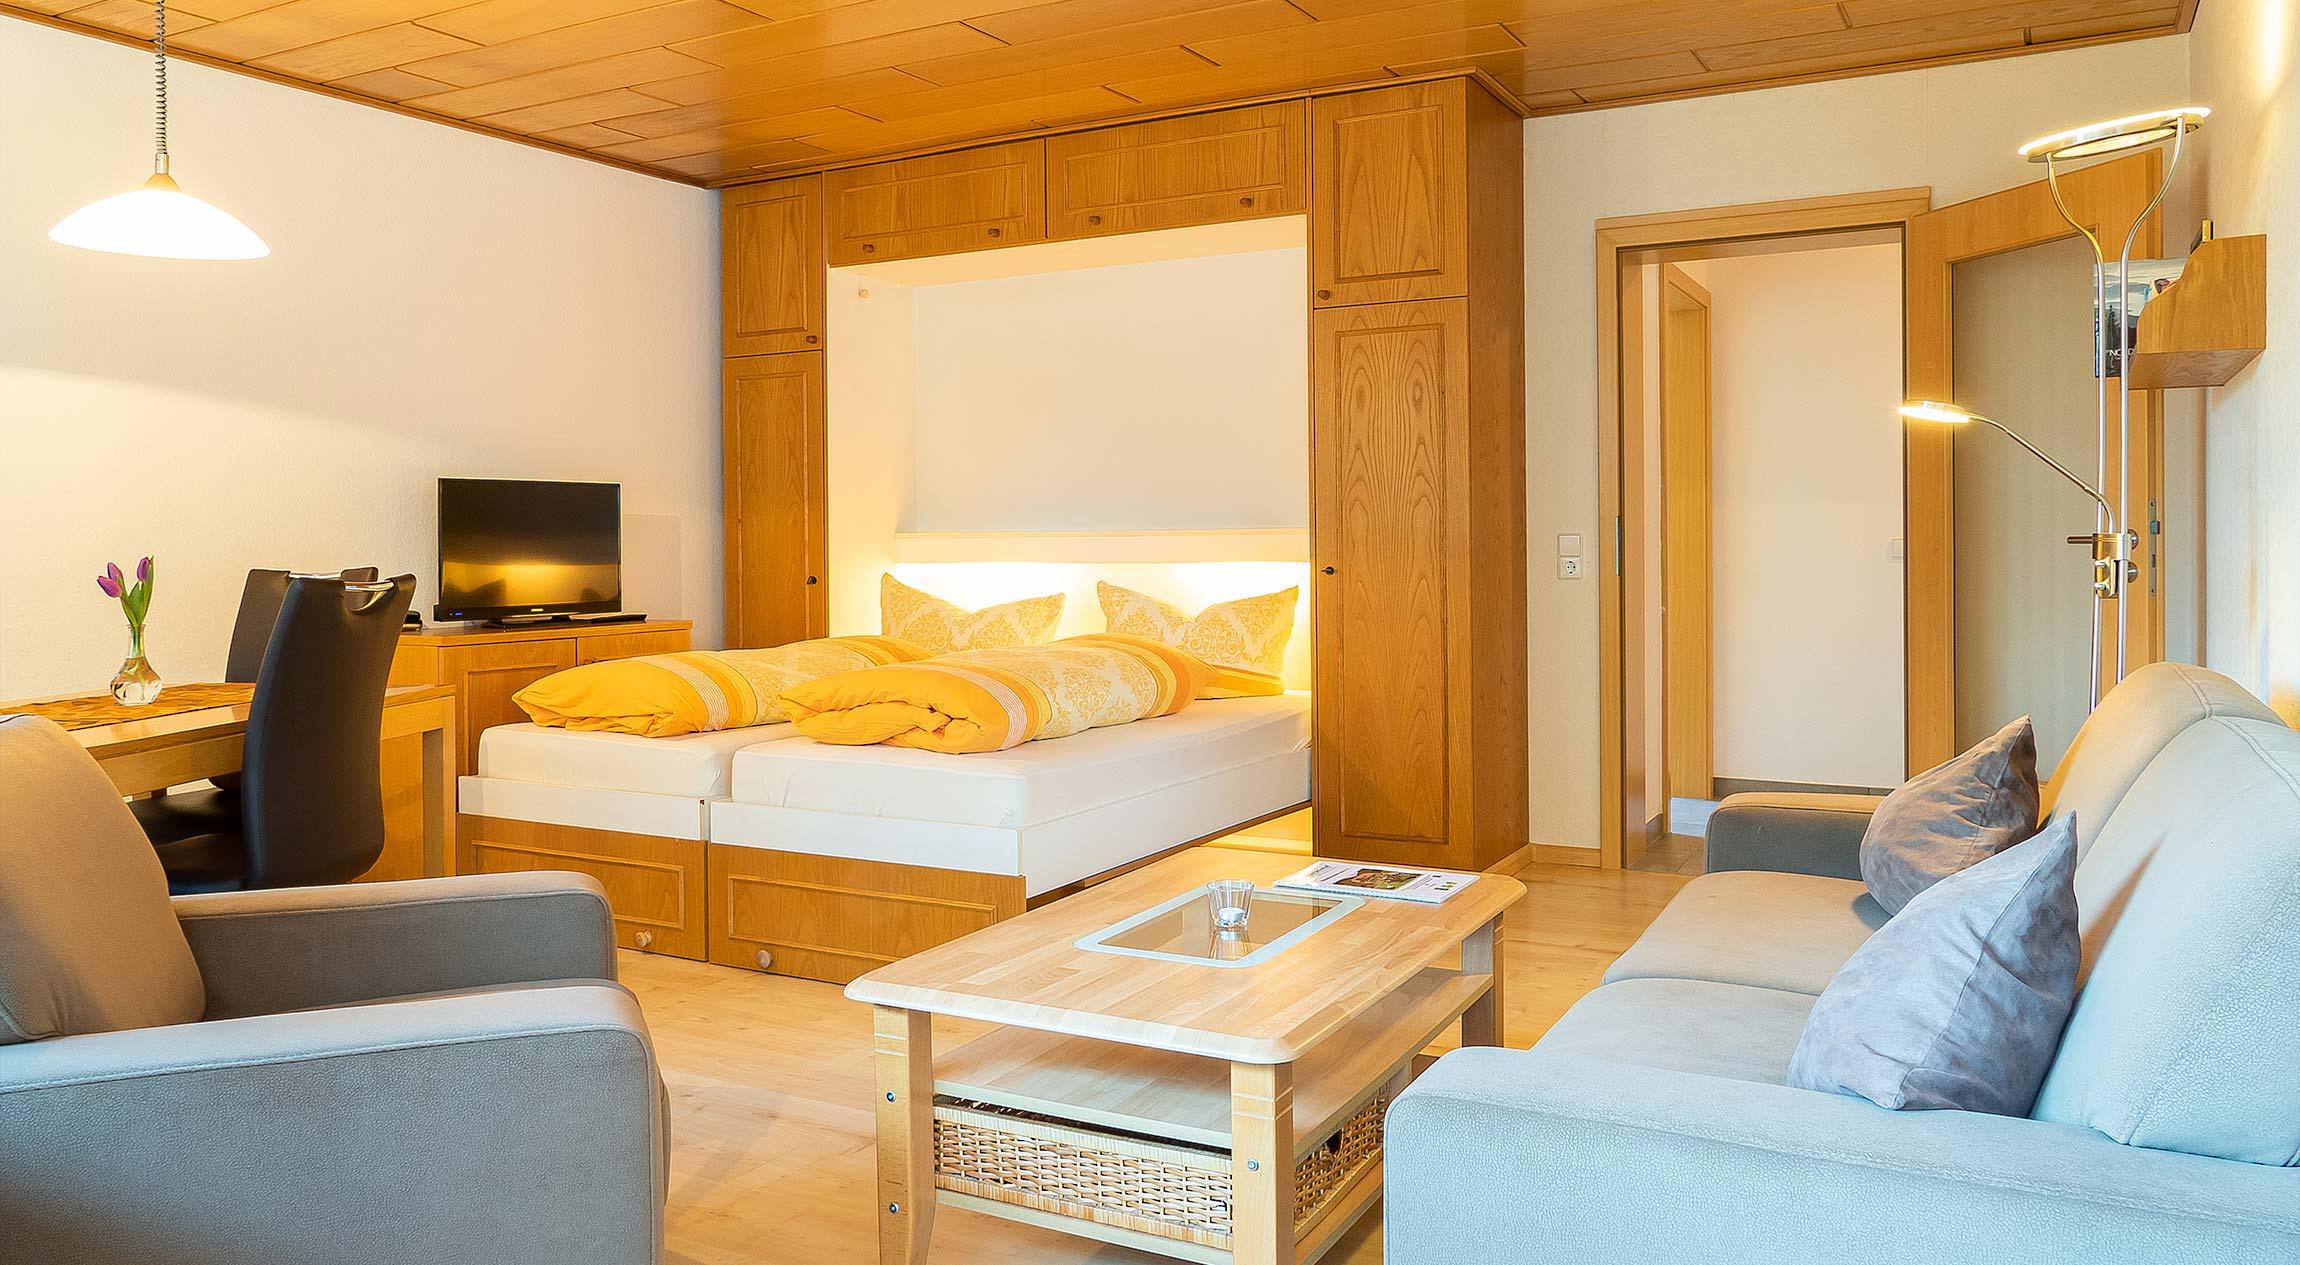 Wohnungstyp II - Wohnschlaufraum mit Betten